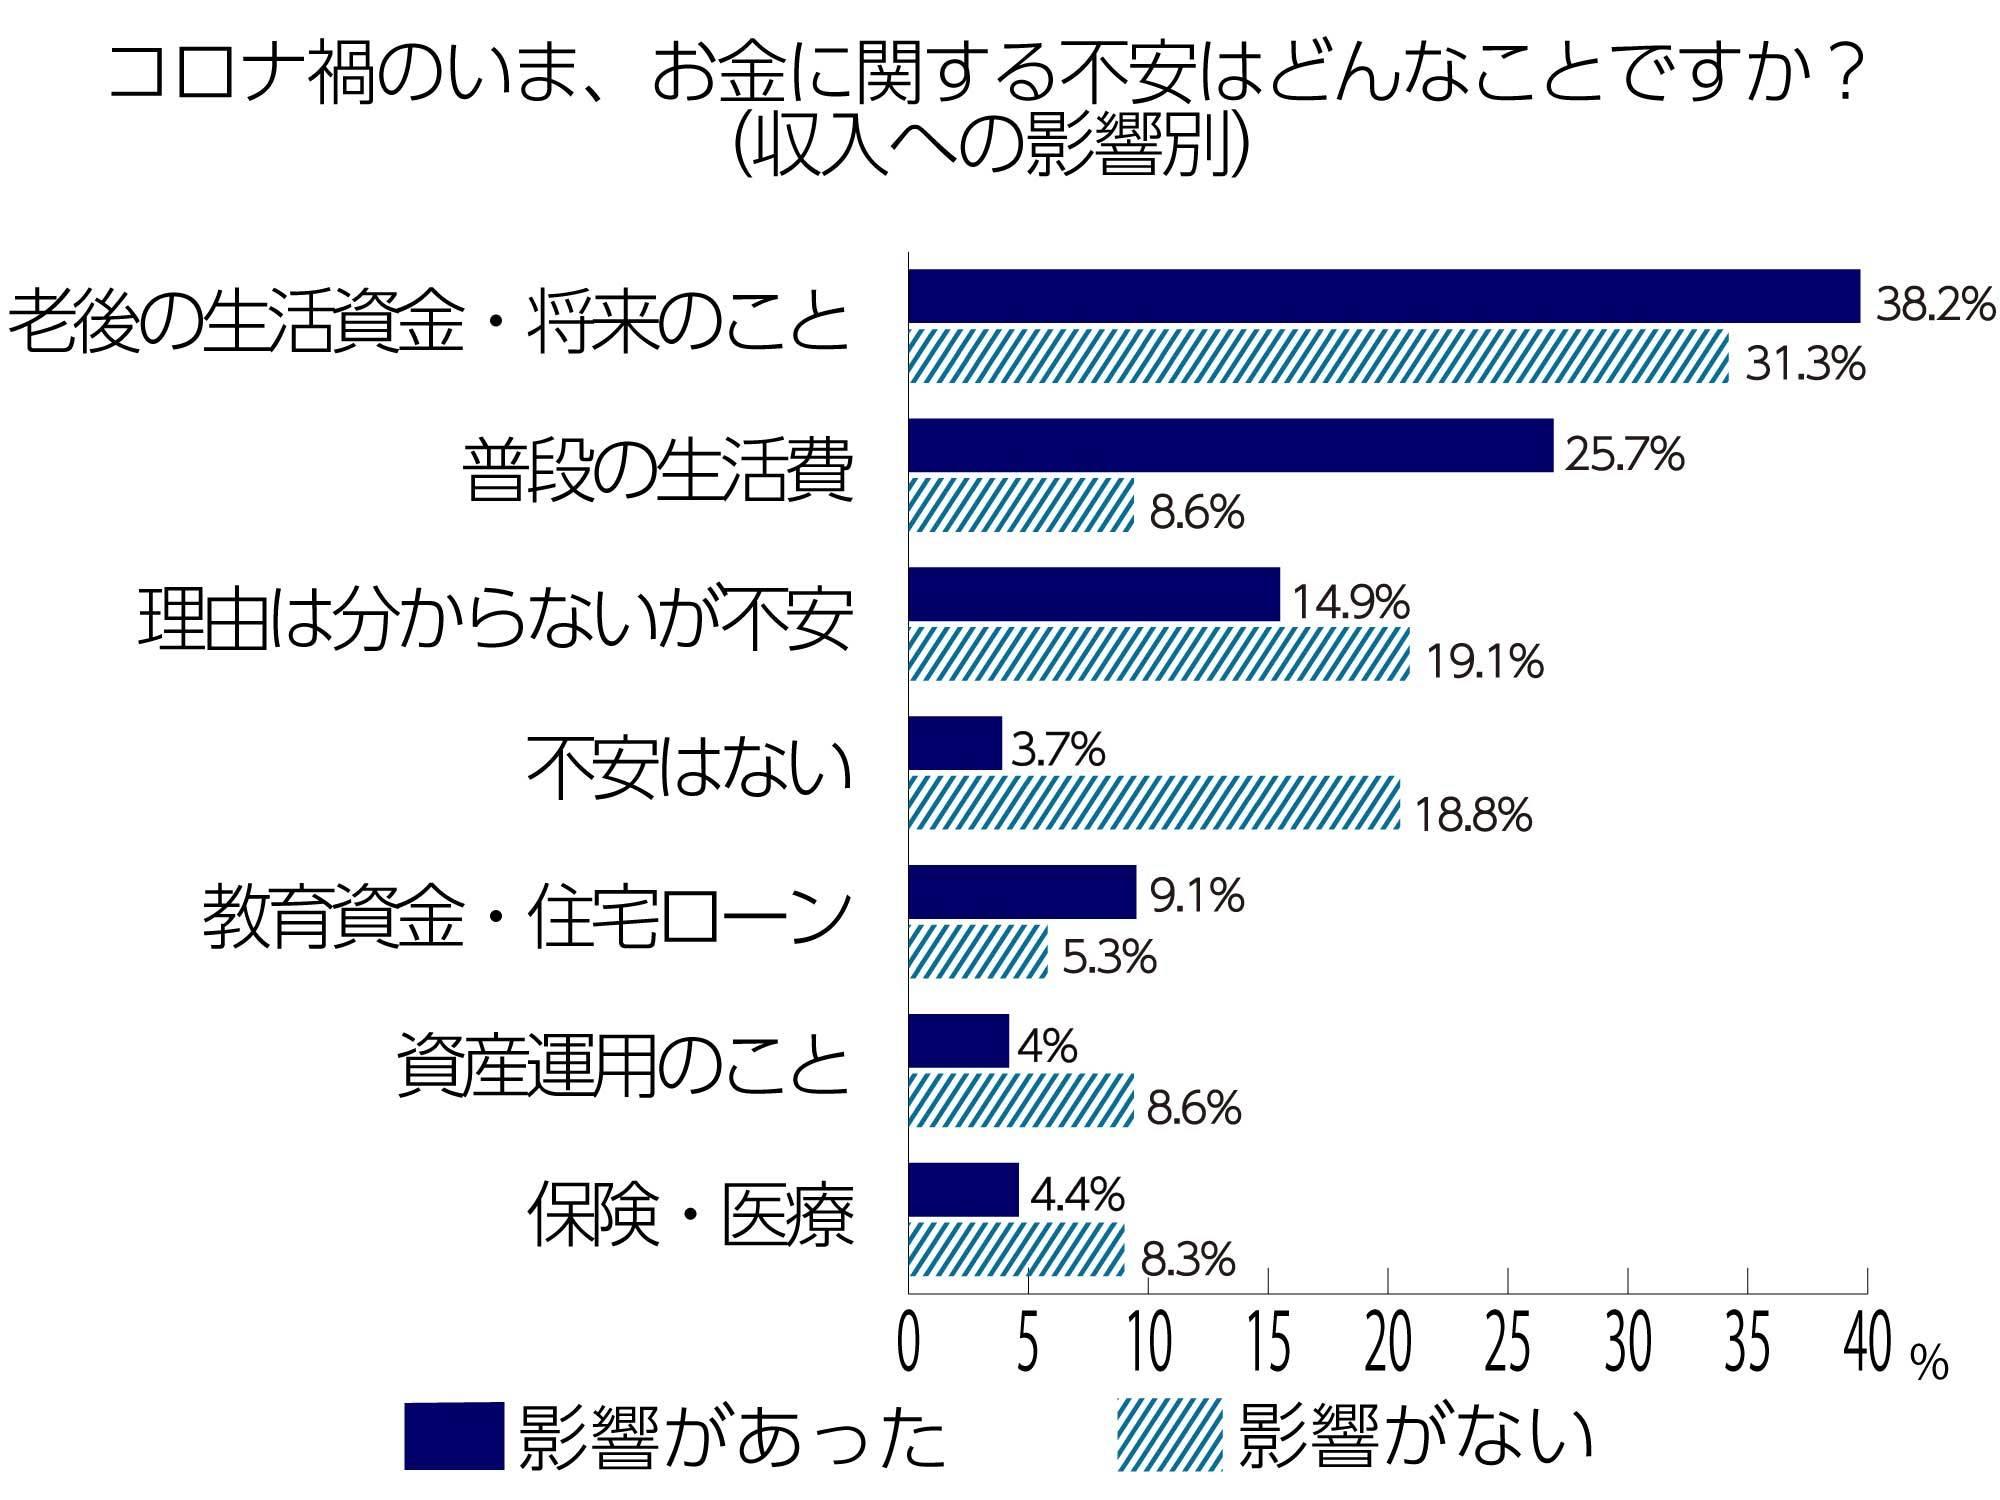 一番多かった回答は「老後の生活資金など将来のこと」で、収入への影響があった方は38.2パーセント、影響がなかった方は31.3パーセント。それに次ぐ「普段の生活費」に関しては収入への影響がなかった方の8.6パーセントに対し、影響があった方は25.7パーセントと顕著に不安を感じているようです。さらに続くのは「理由は分からないが漠然とした不安」で収入への影響があった方、なかった方のどちらも漠然とした不安を抱えていることが見て取れます。